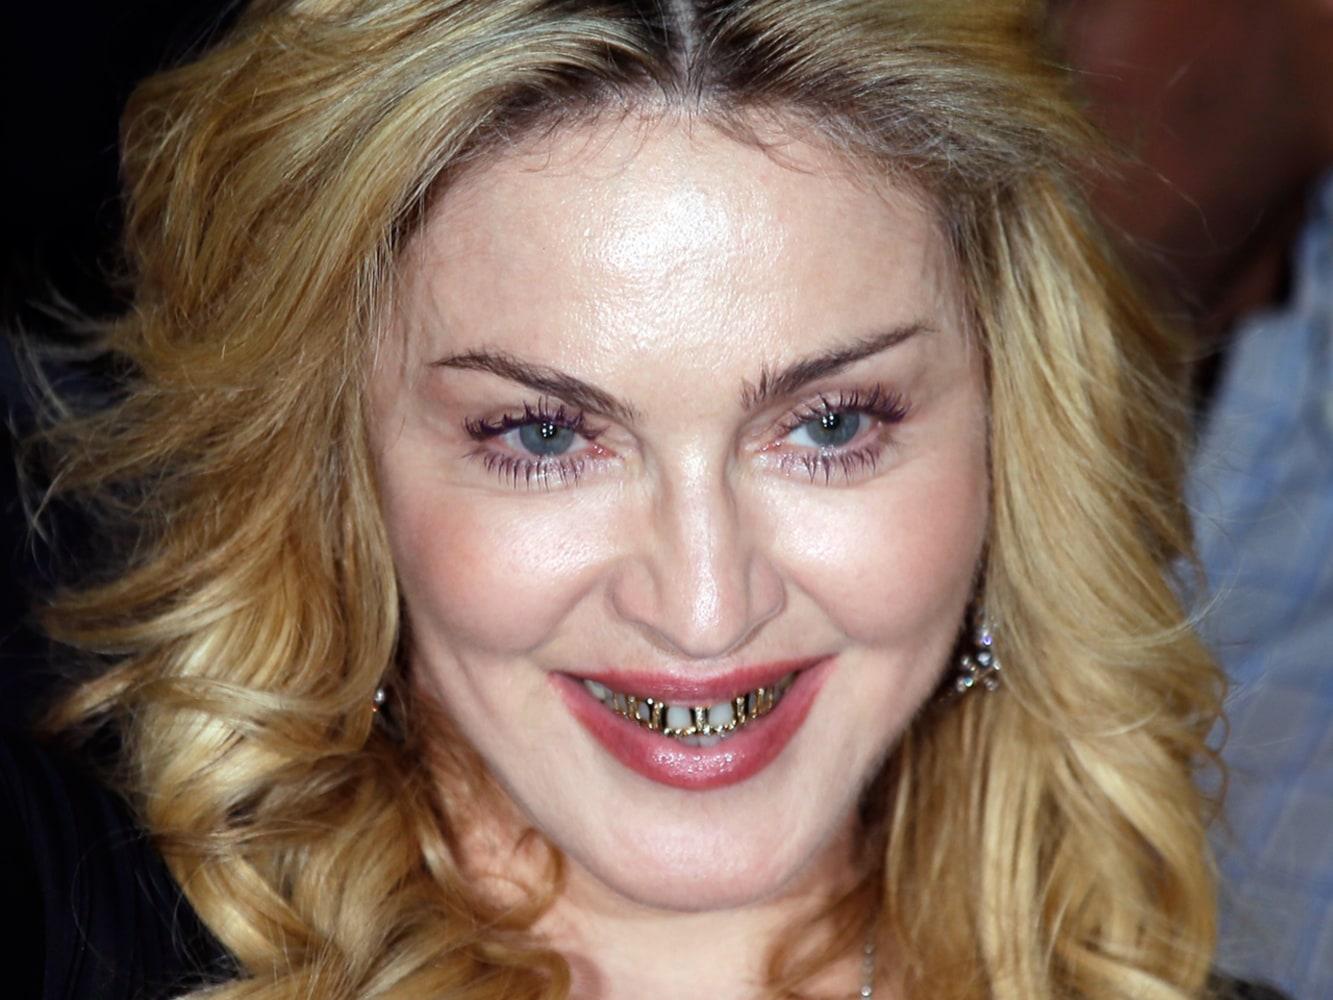 Мадонна сейчас фото без макияжа